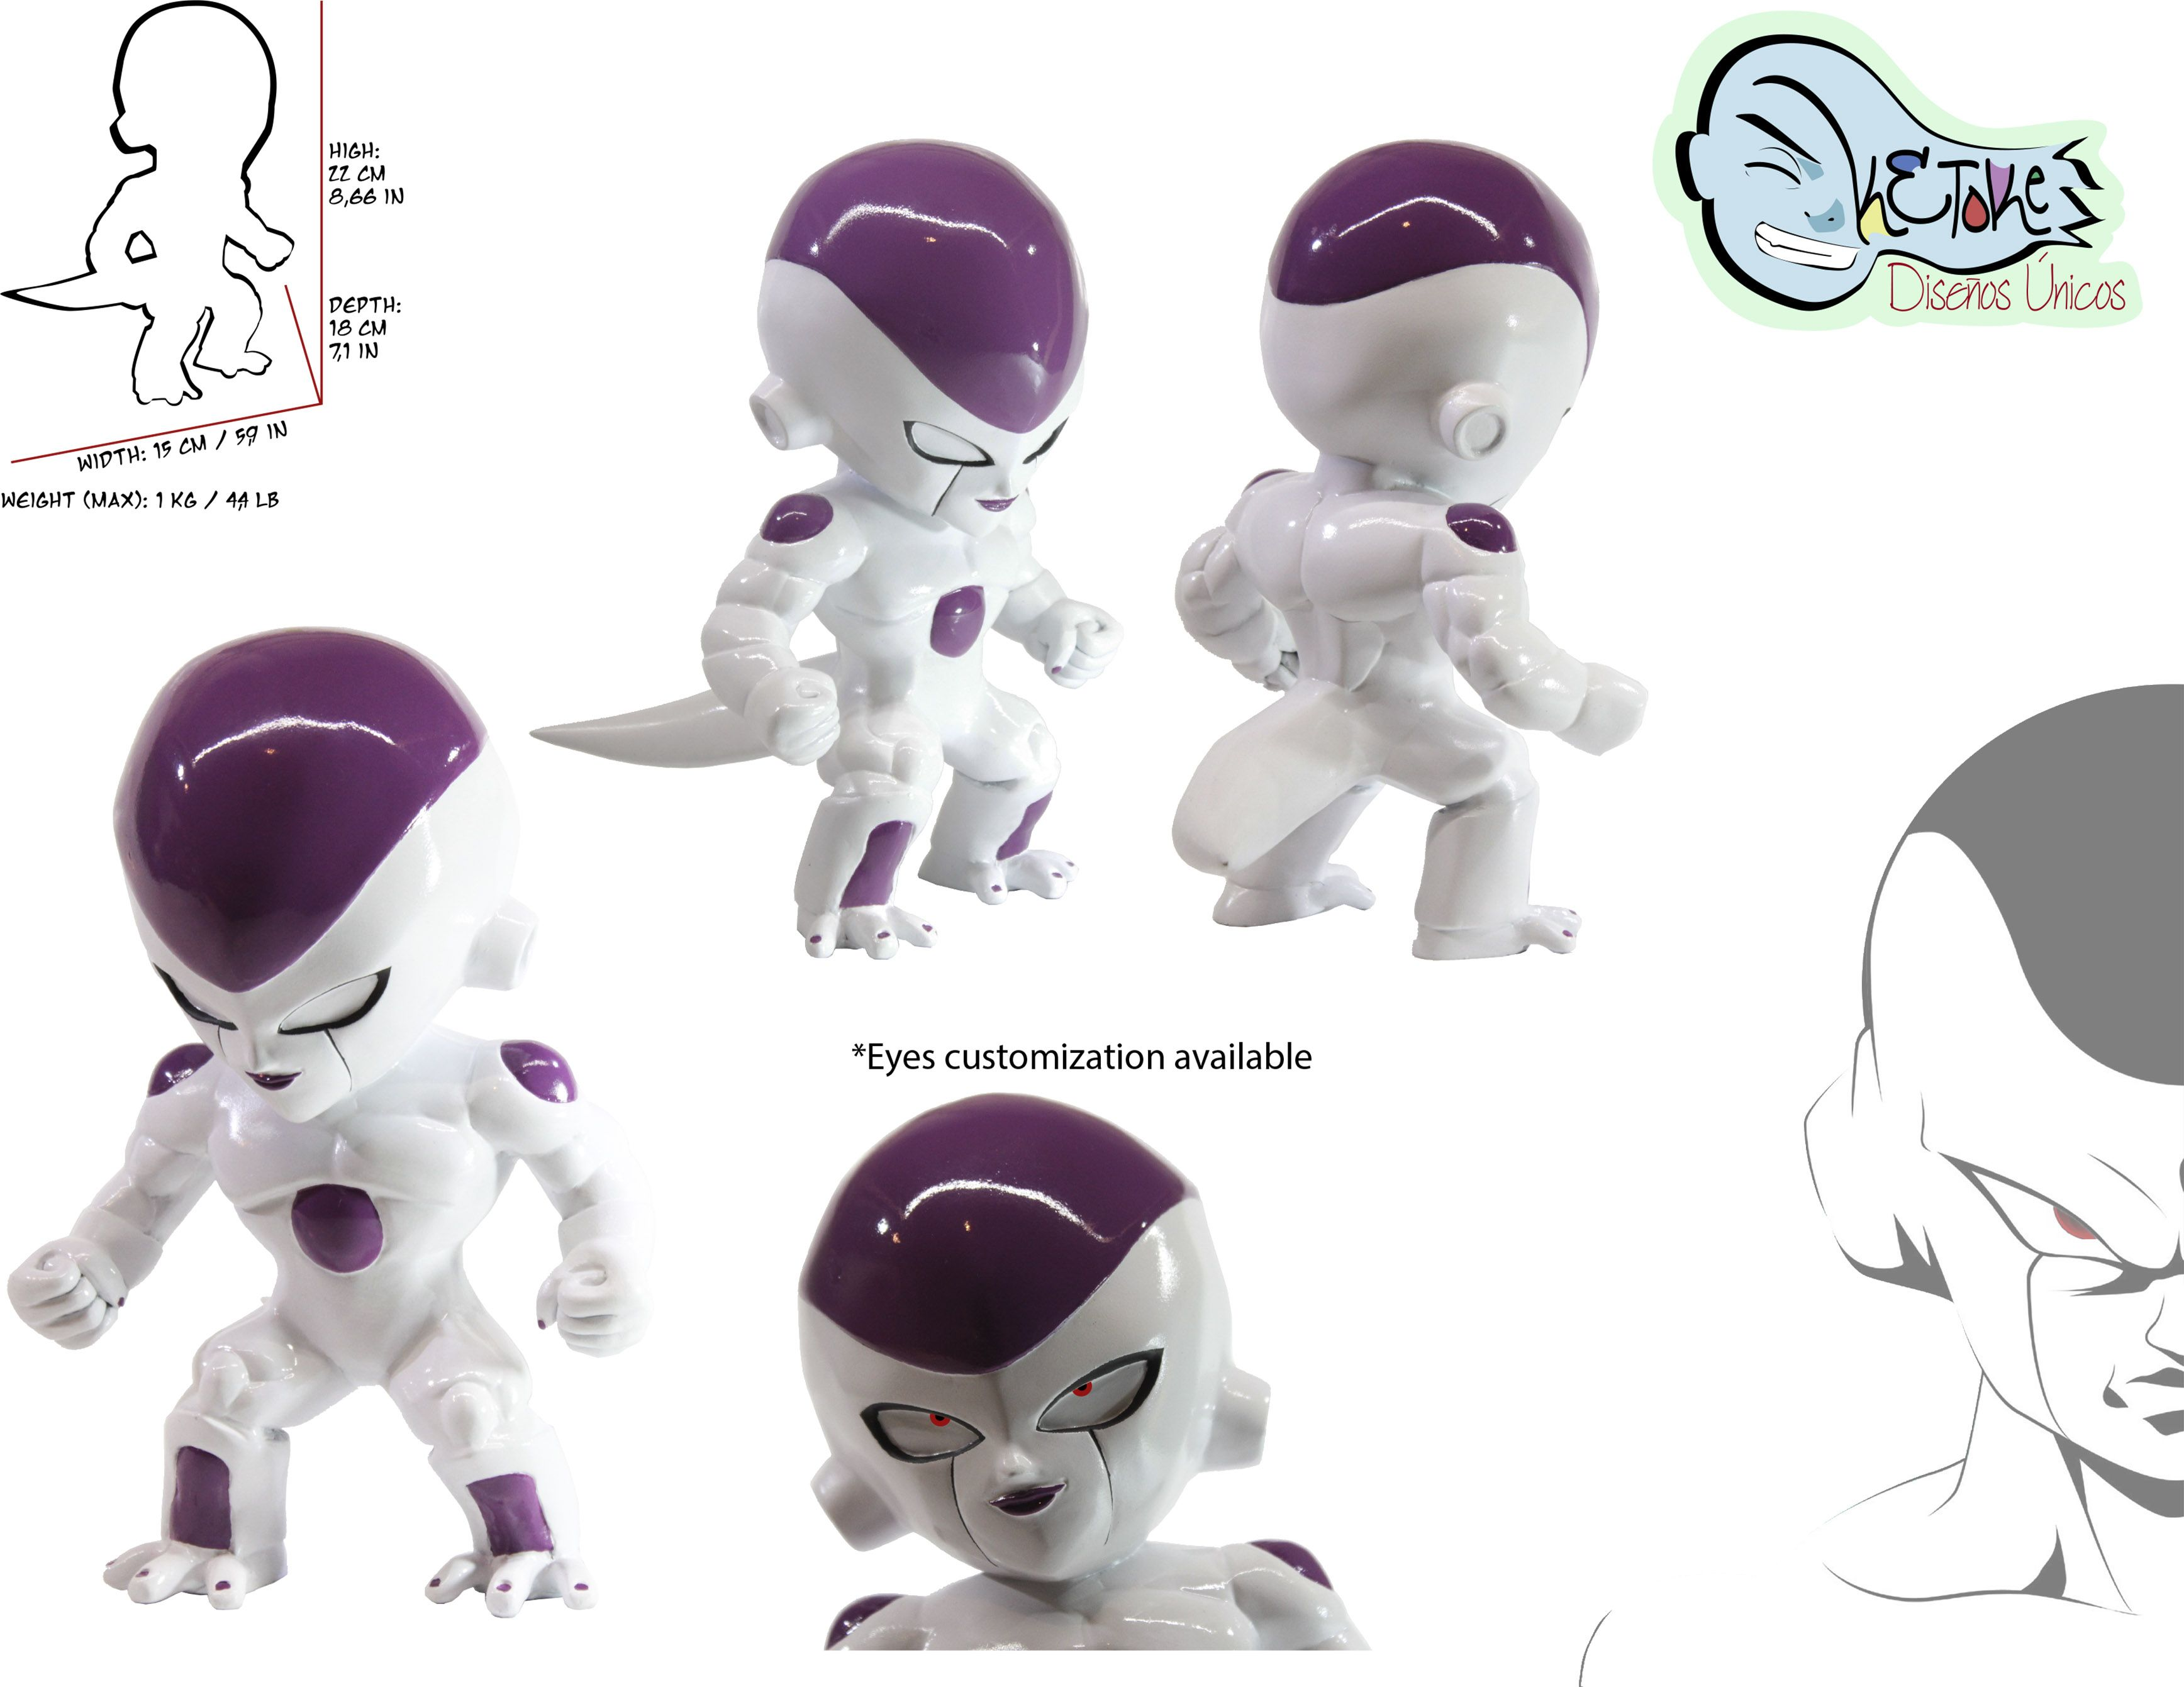 Figura de colección 2015, edición limitada, disponibles sólo en www.ketoke.net